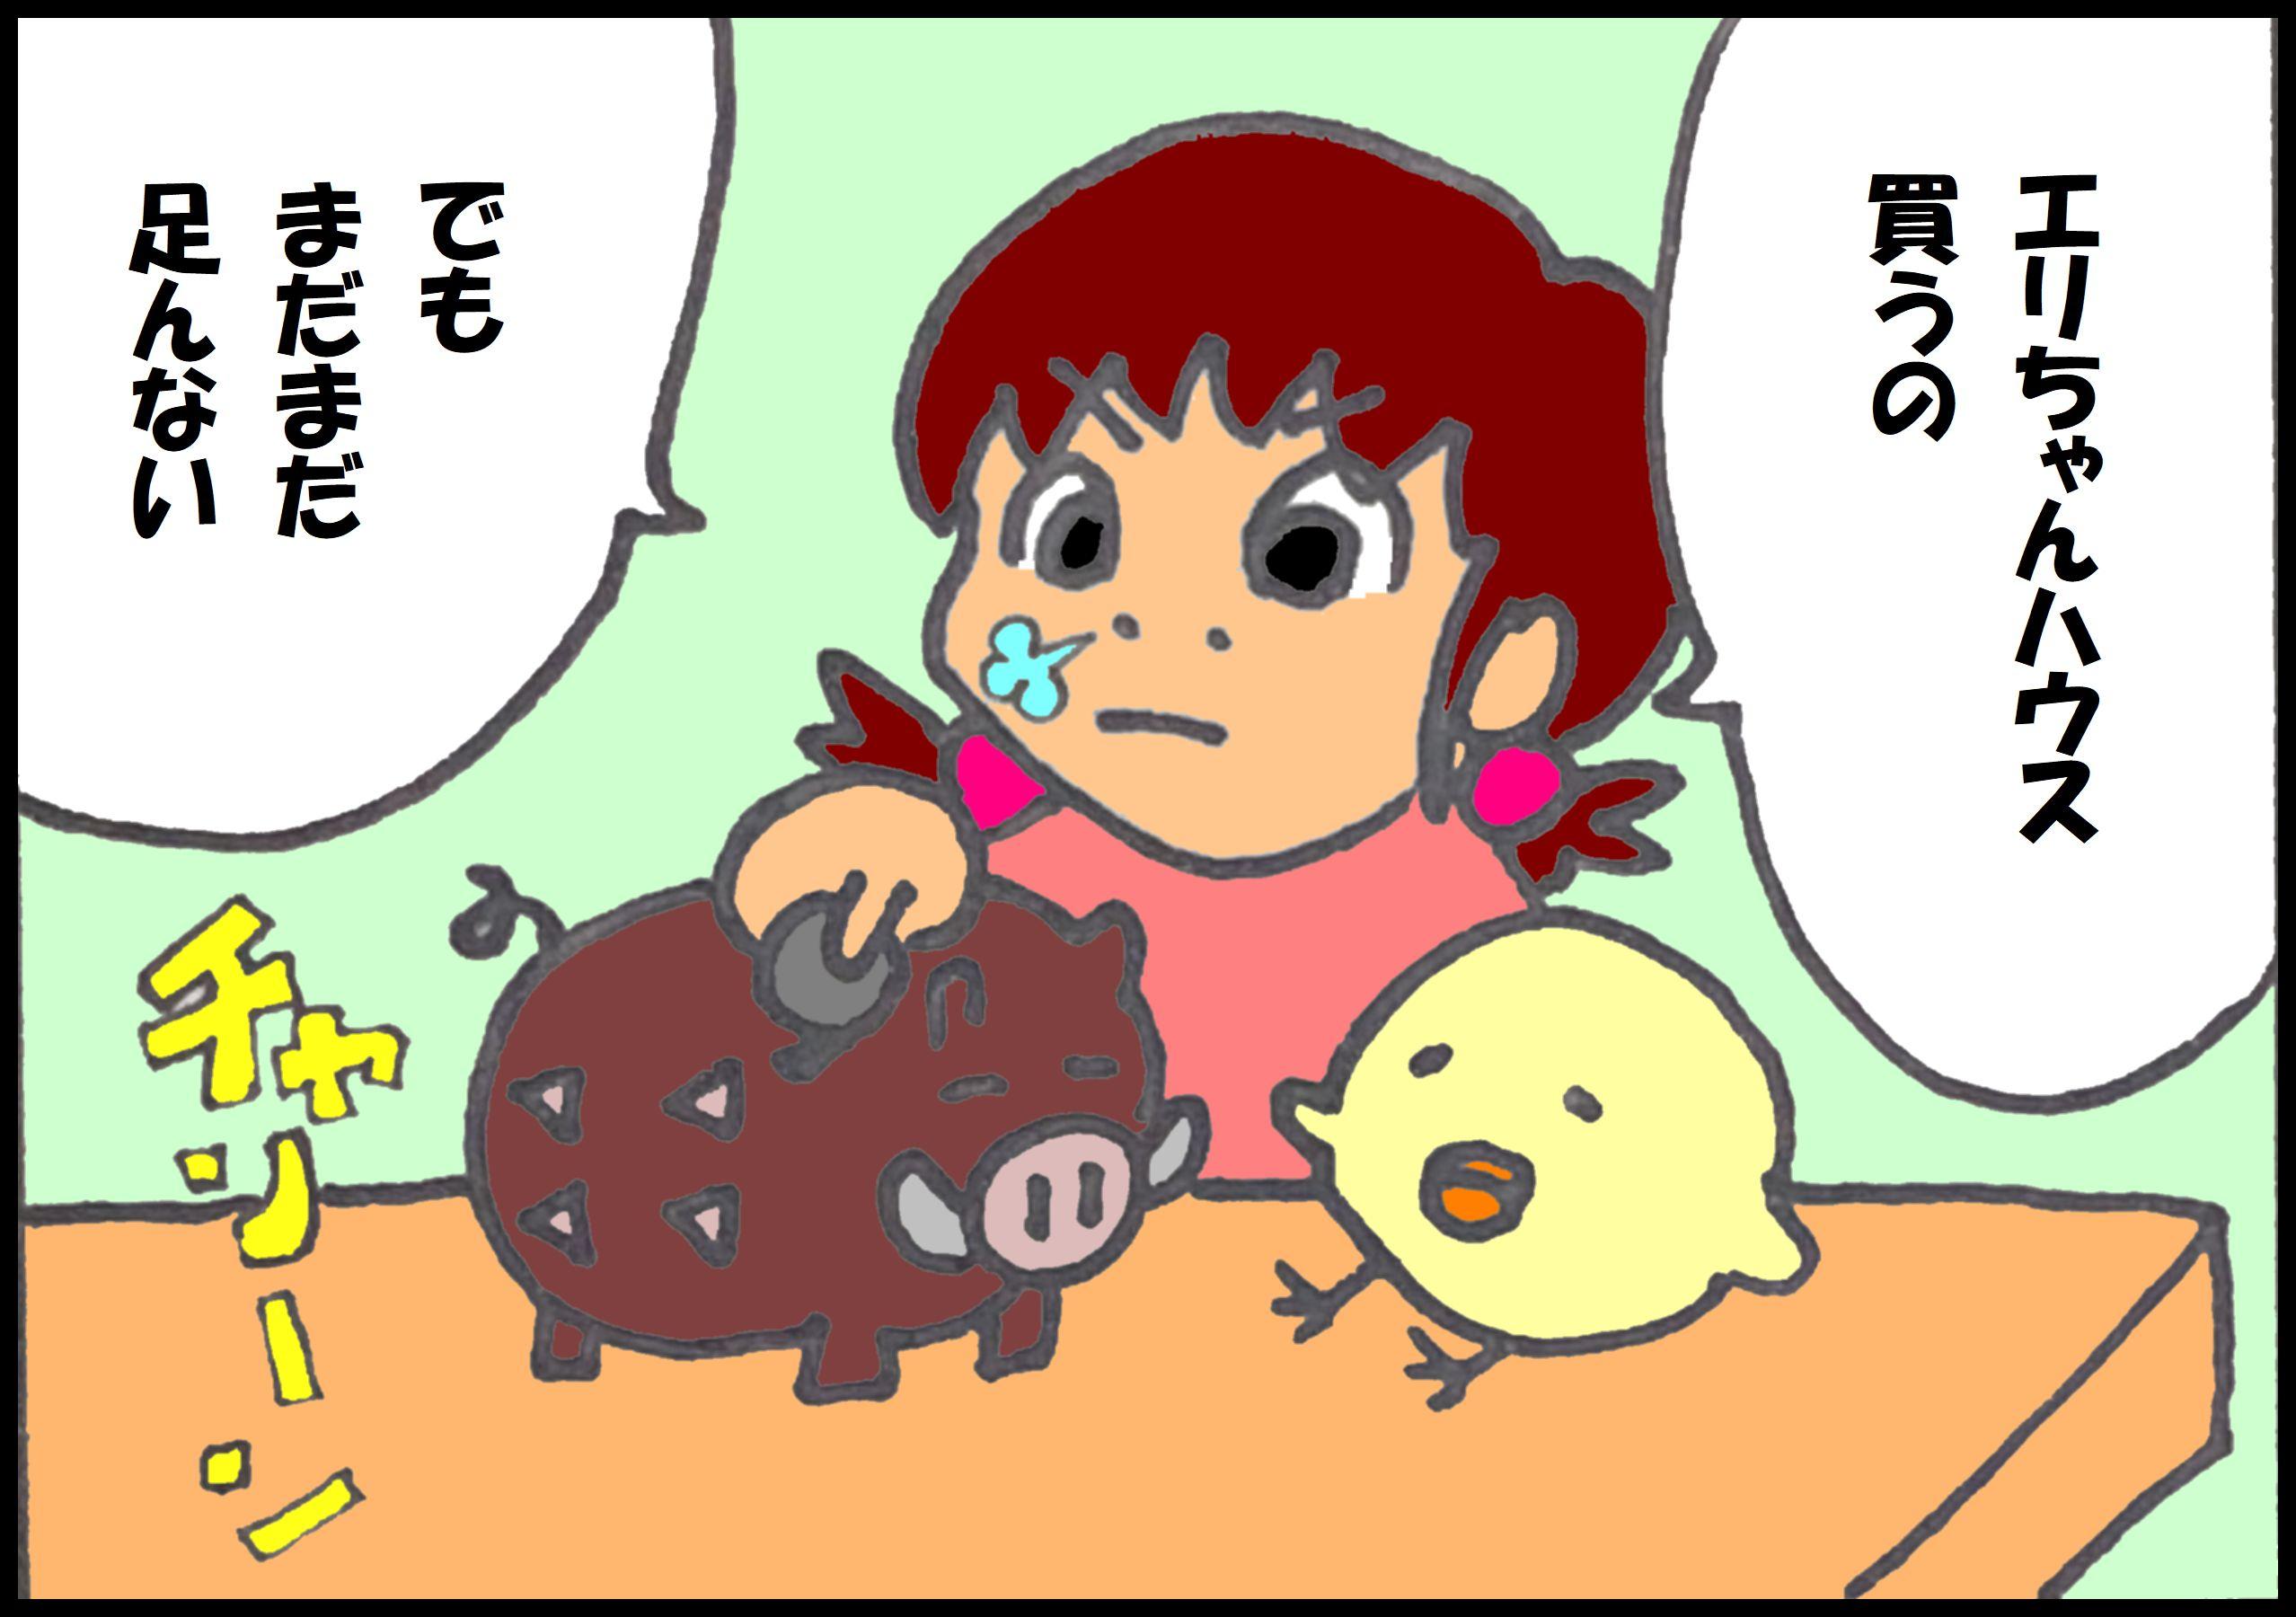 『夕やけちょこ』その16「ちょきん」(3)